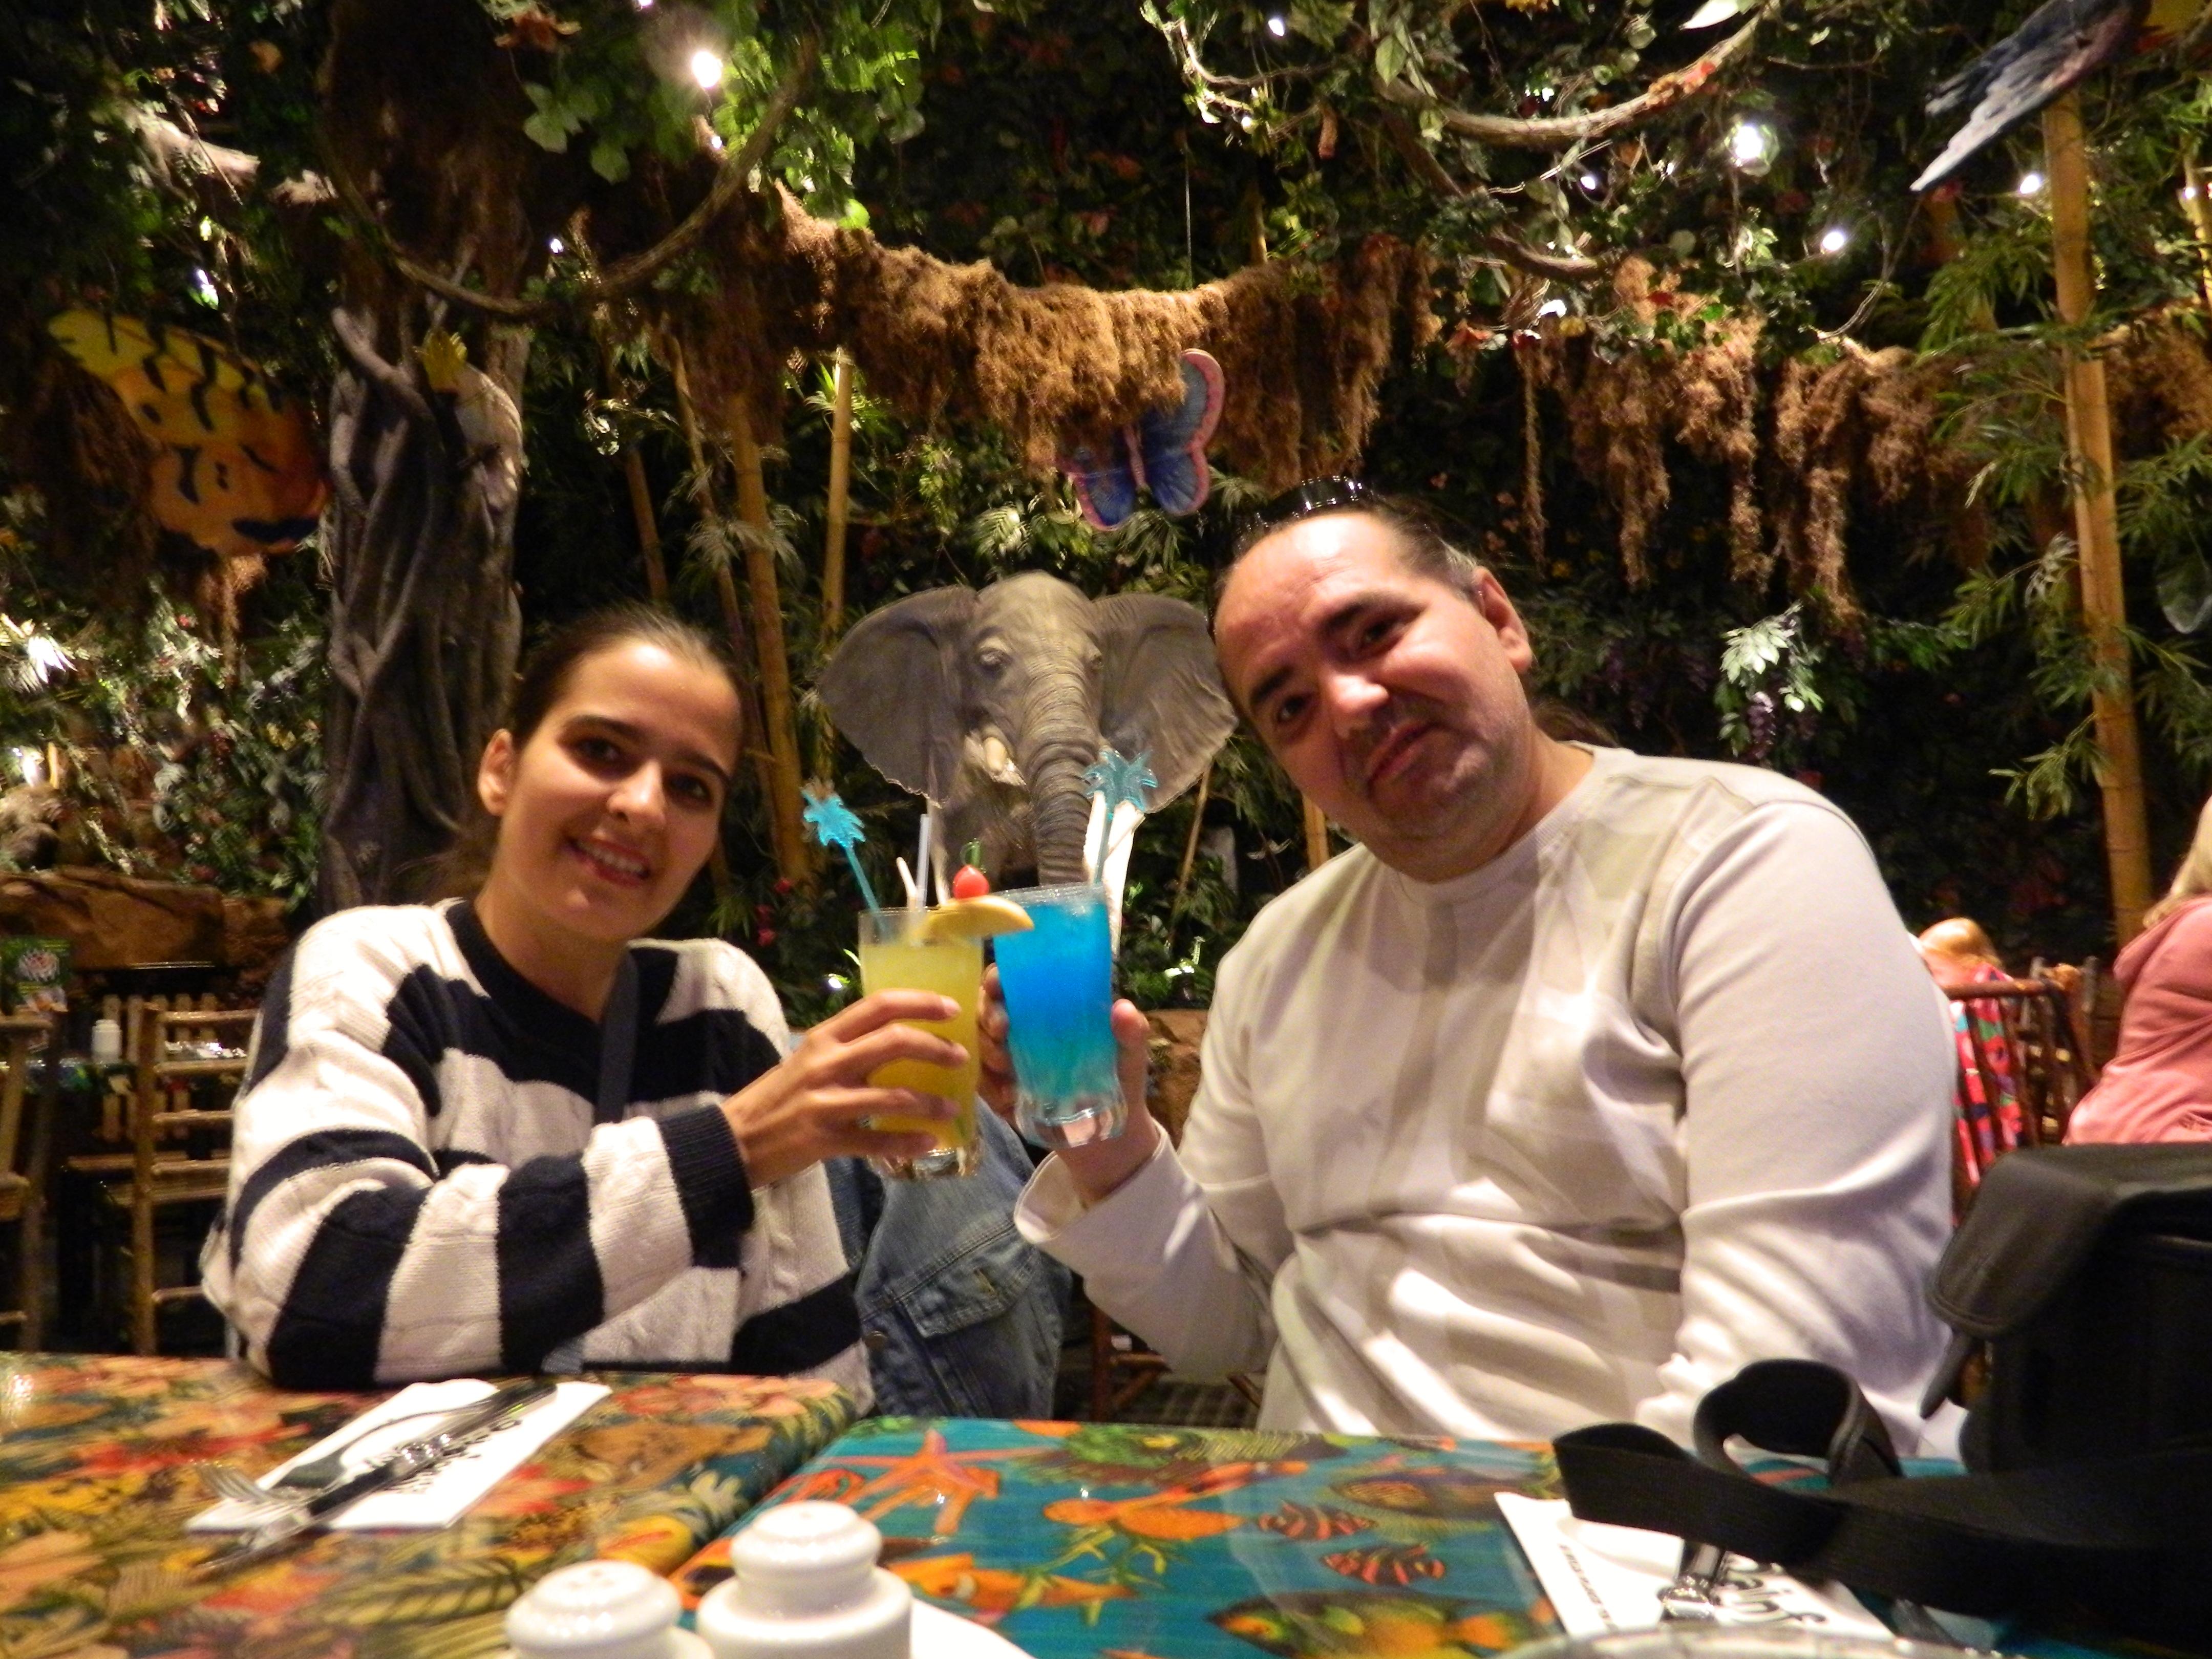 Rainforest Cafe in Disney Village